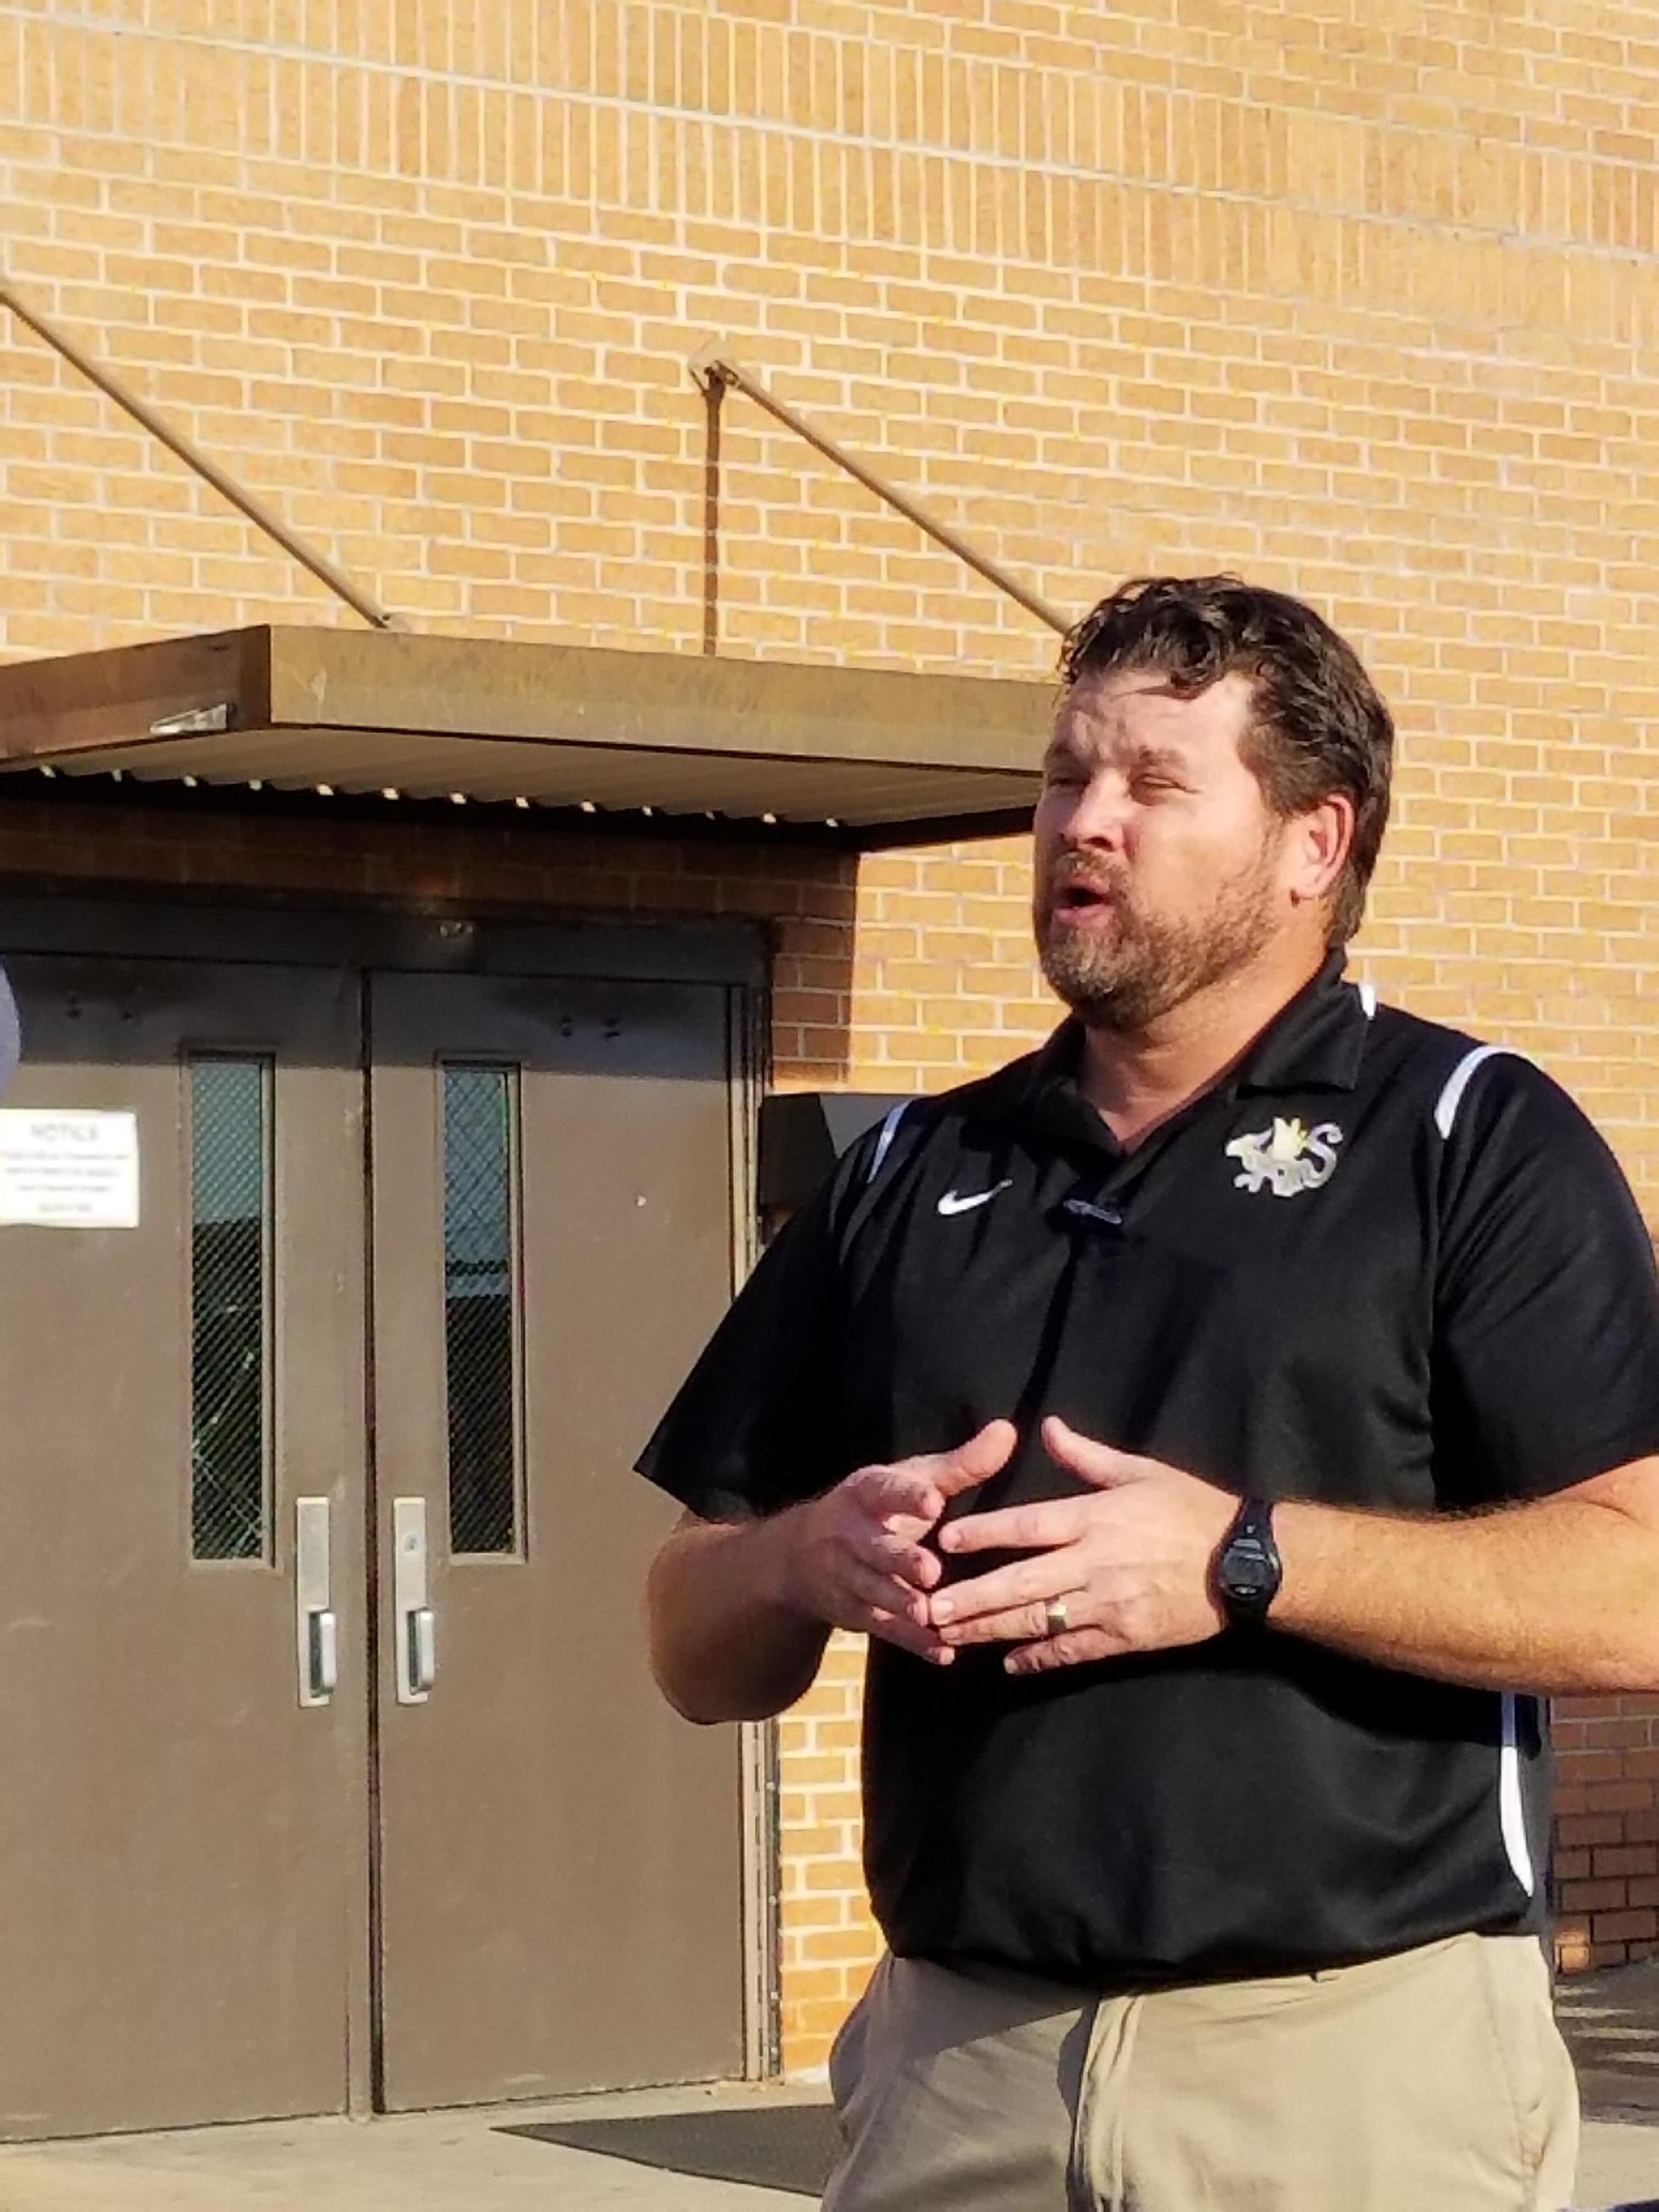 Coach Wilkins